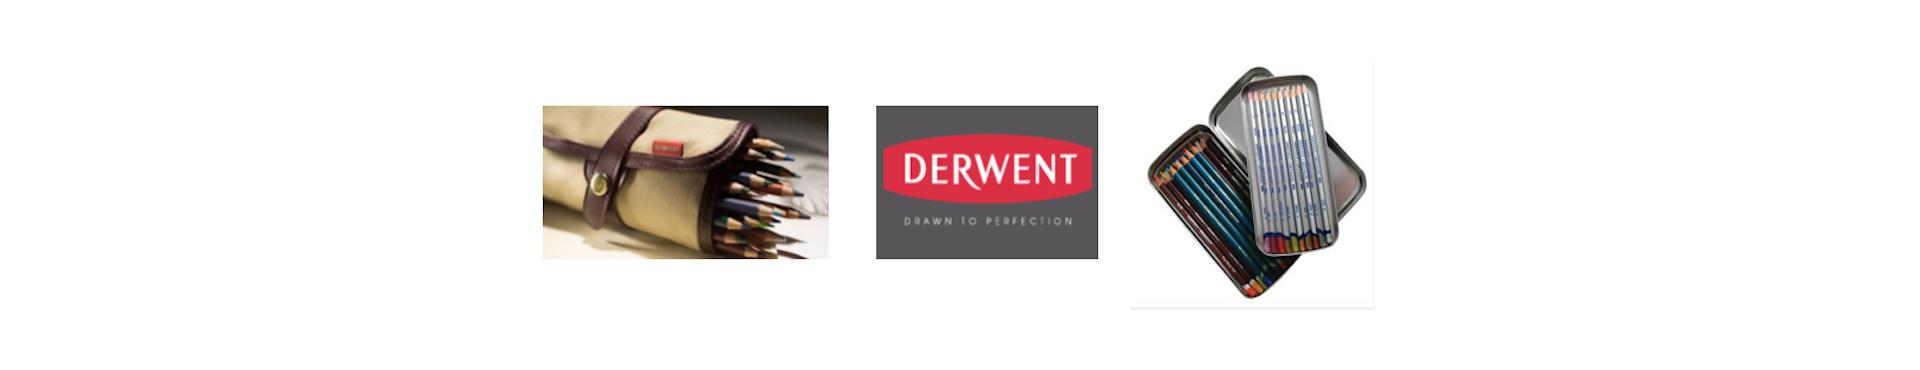 Cajas lápices de colores Derwent